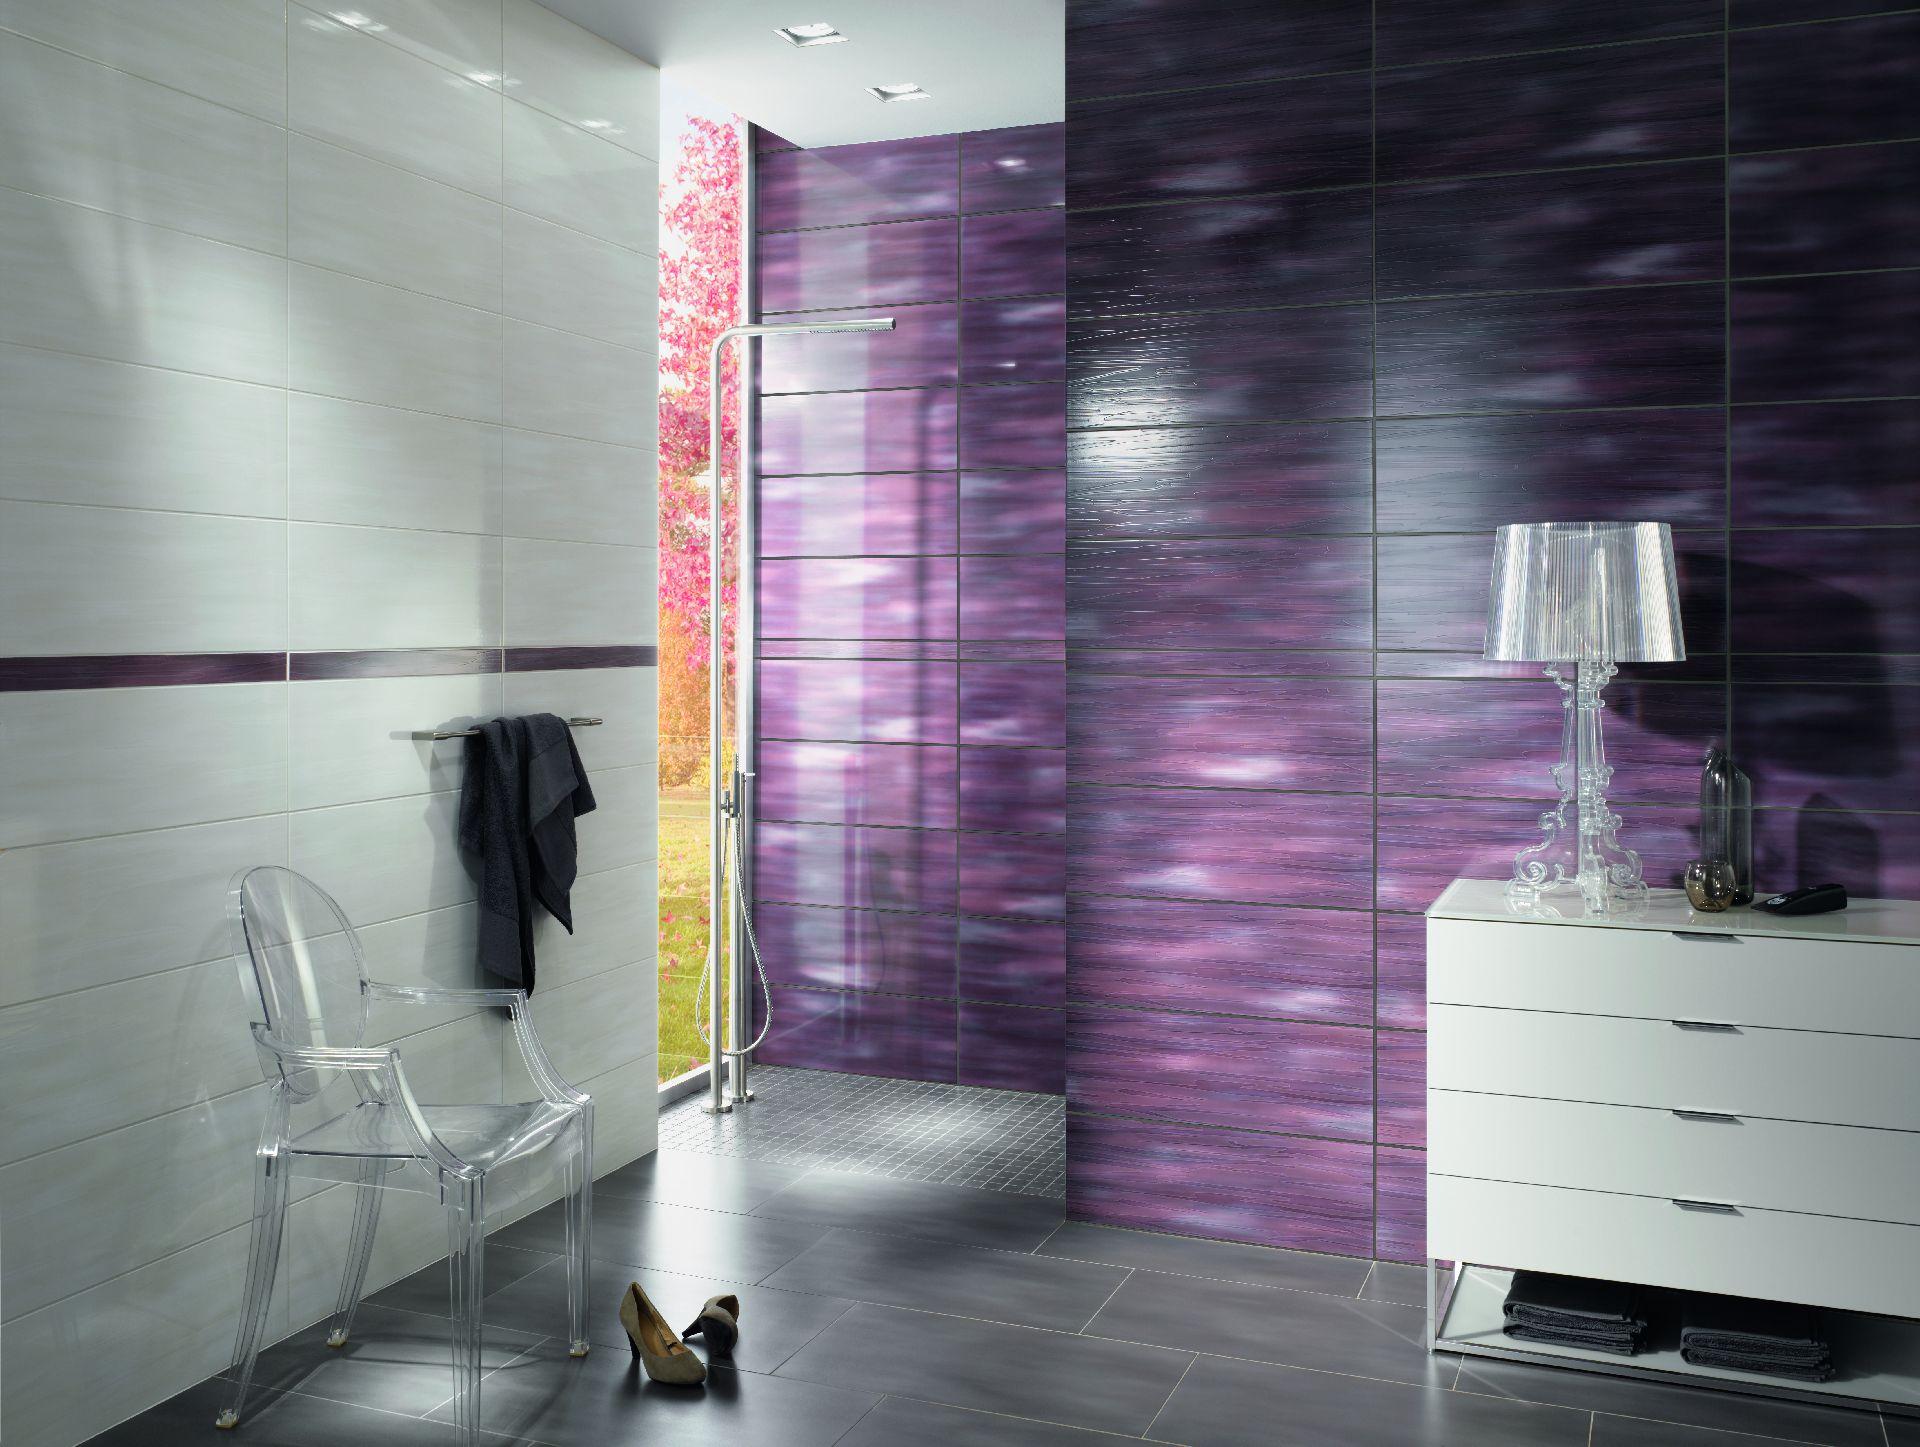 fliesen fuchs baugesellschaft mbh. Black Bedroom Furniture Sets. Home Design Ideas